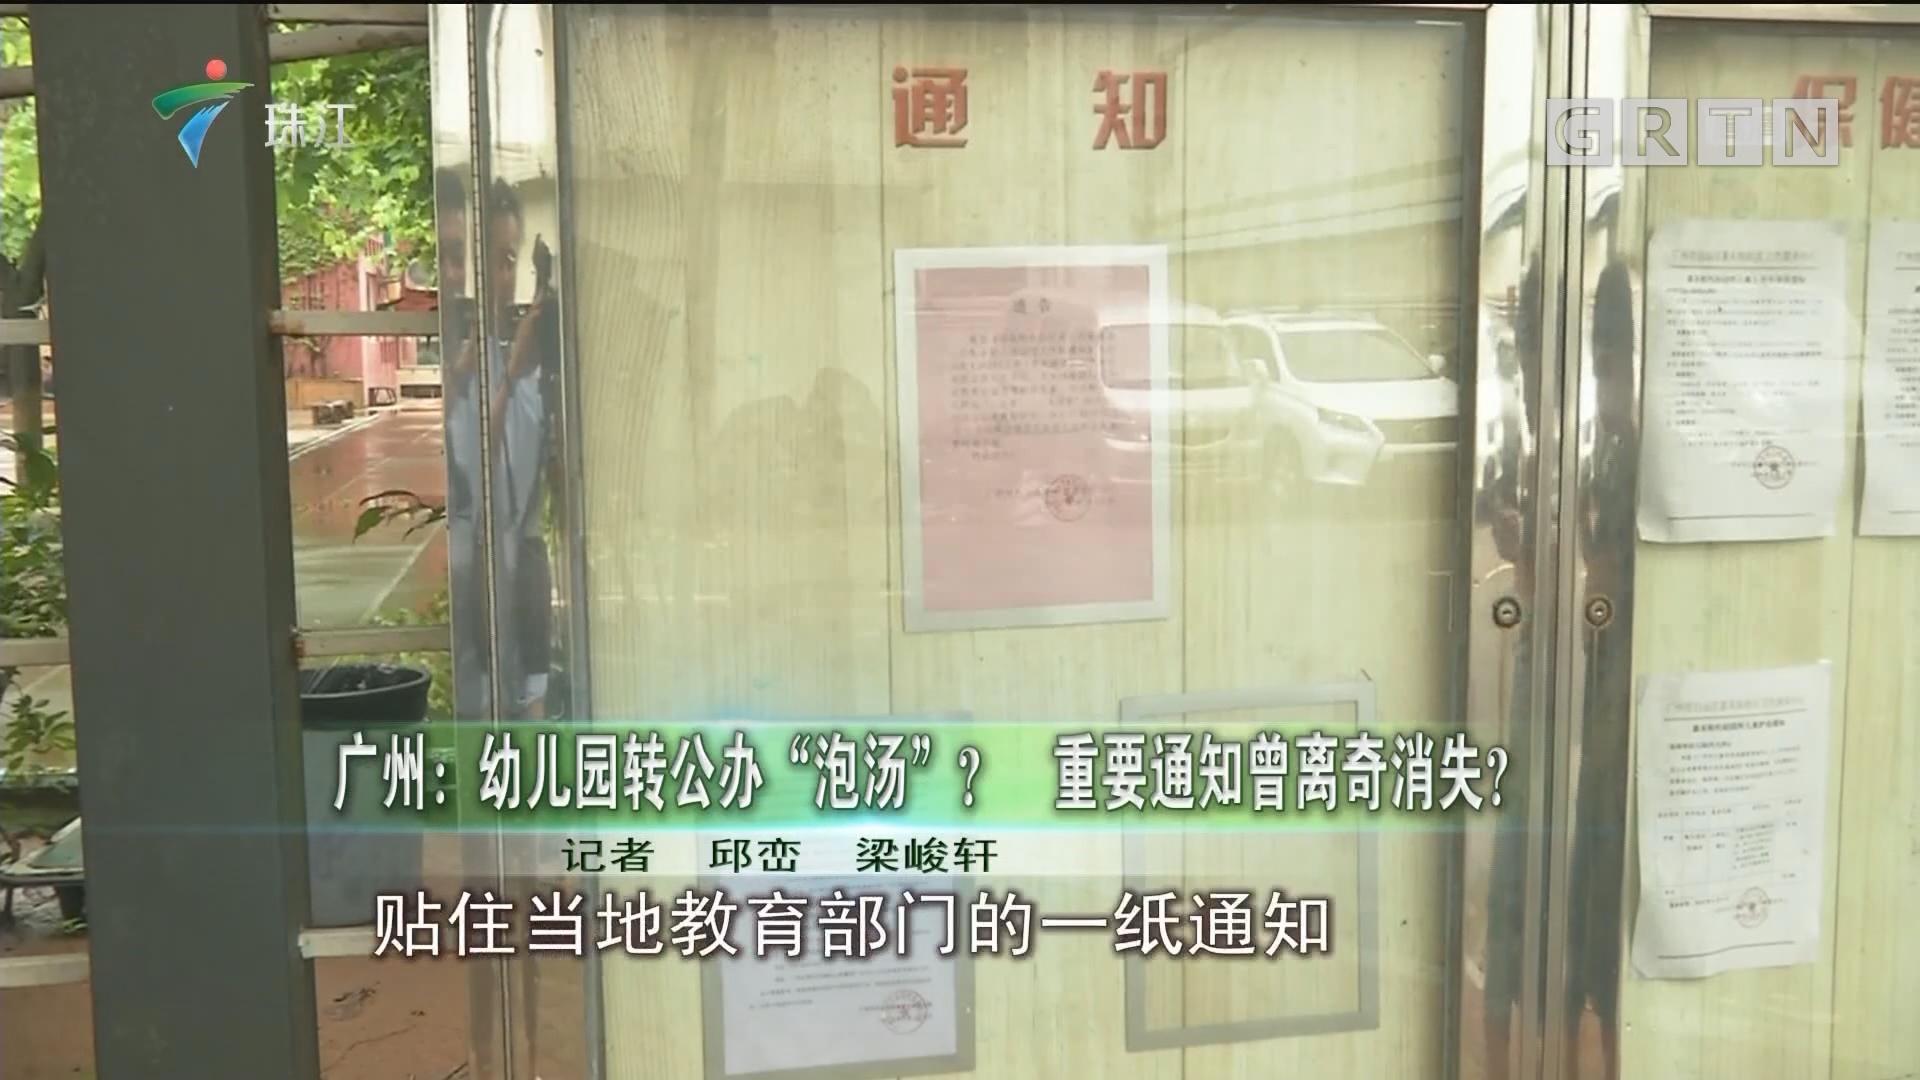 """广州:幼儿园转公办""""泡汤""""? 重要通知曾离奇消失?"""